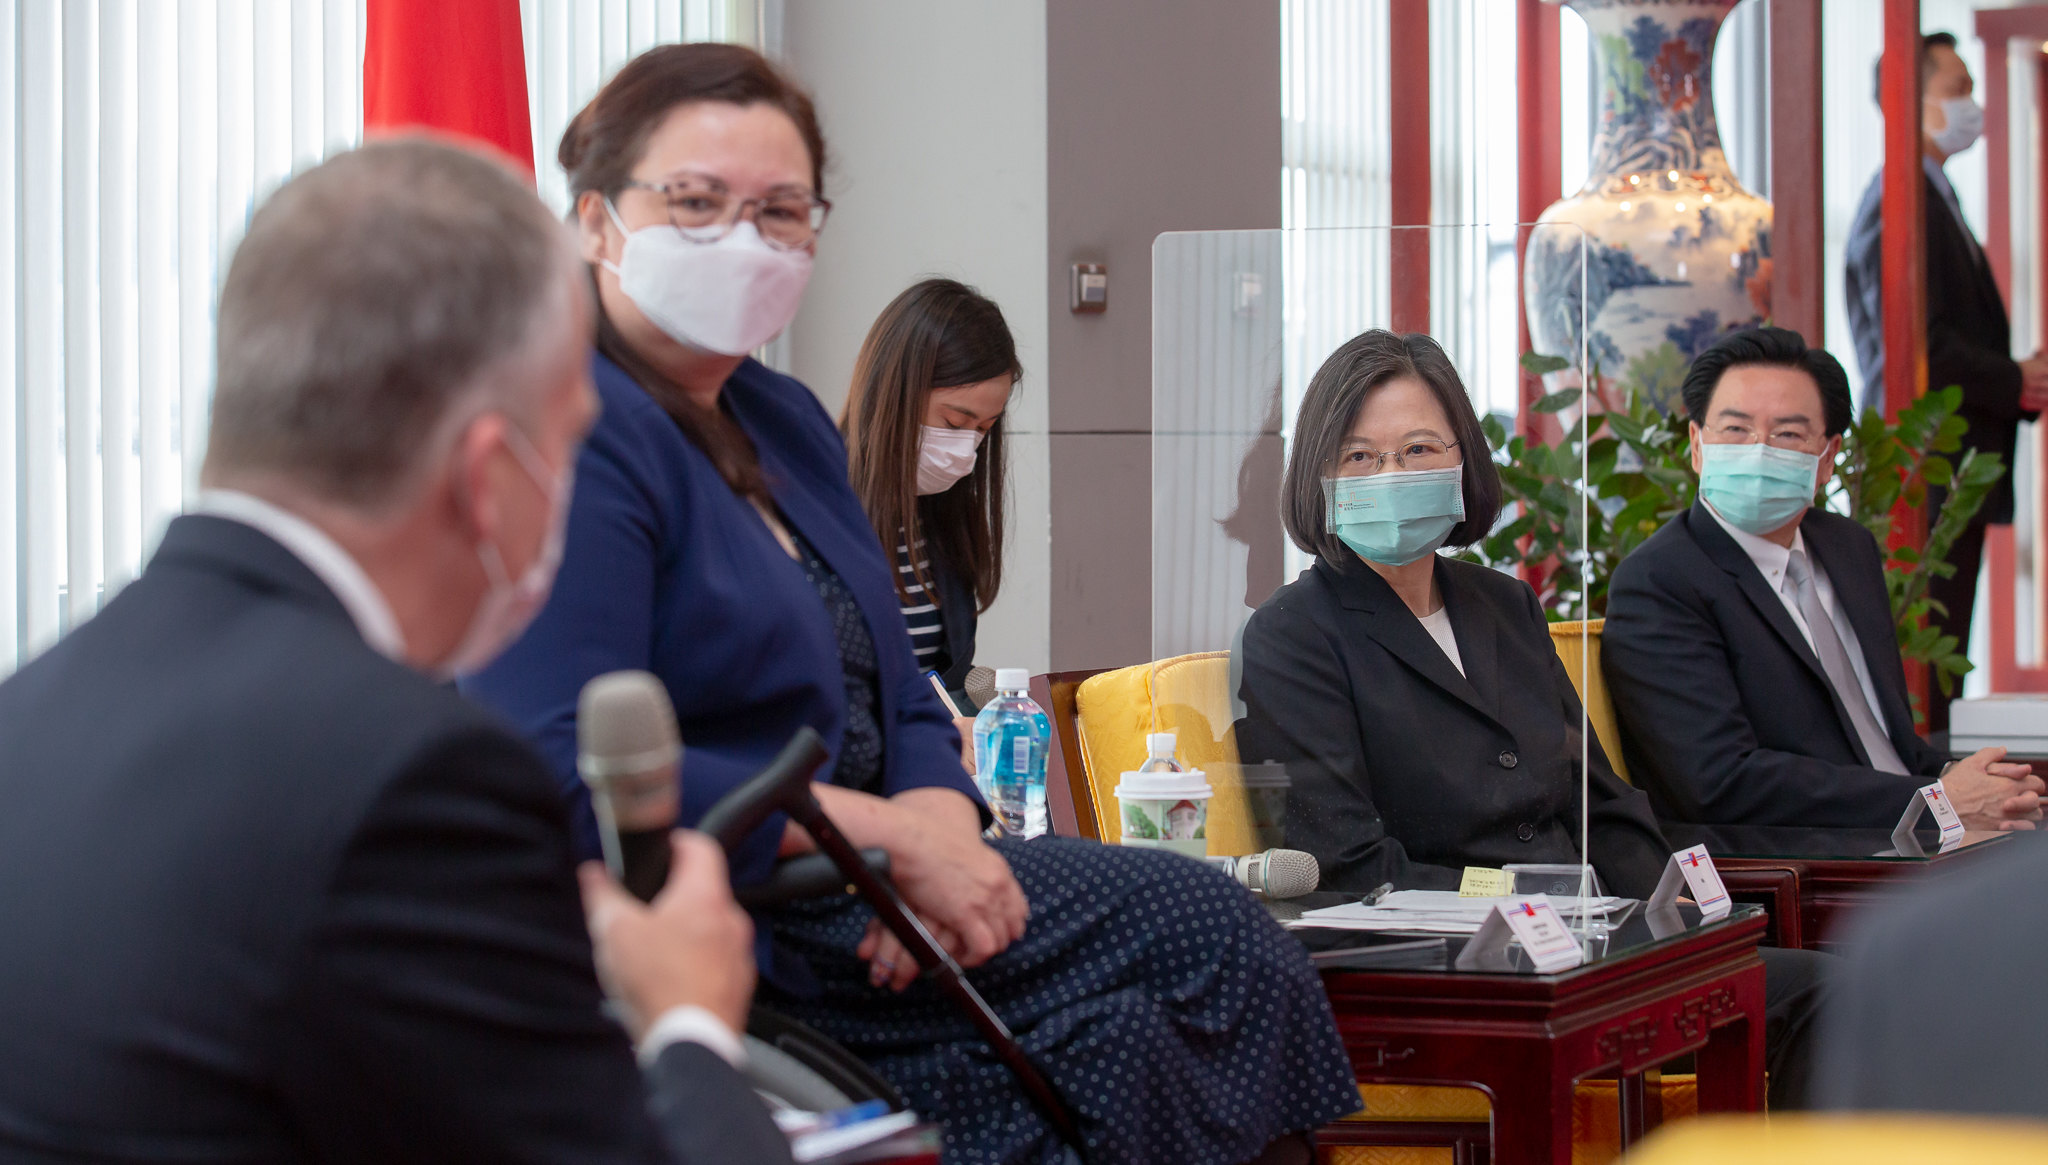 06.06 總統接見美國聯邦參議員訪團 Official Photo by Wang Yu Ching / Office of the President